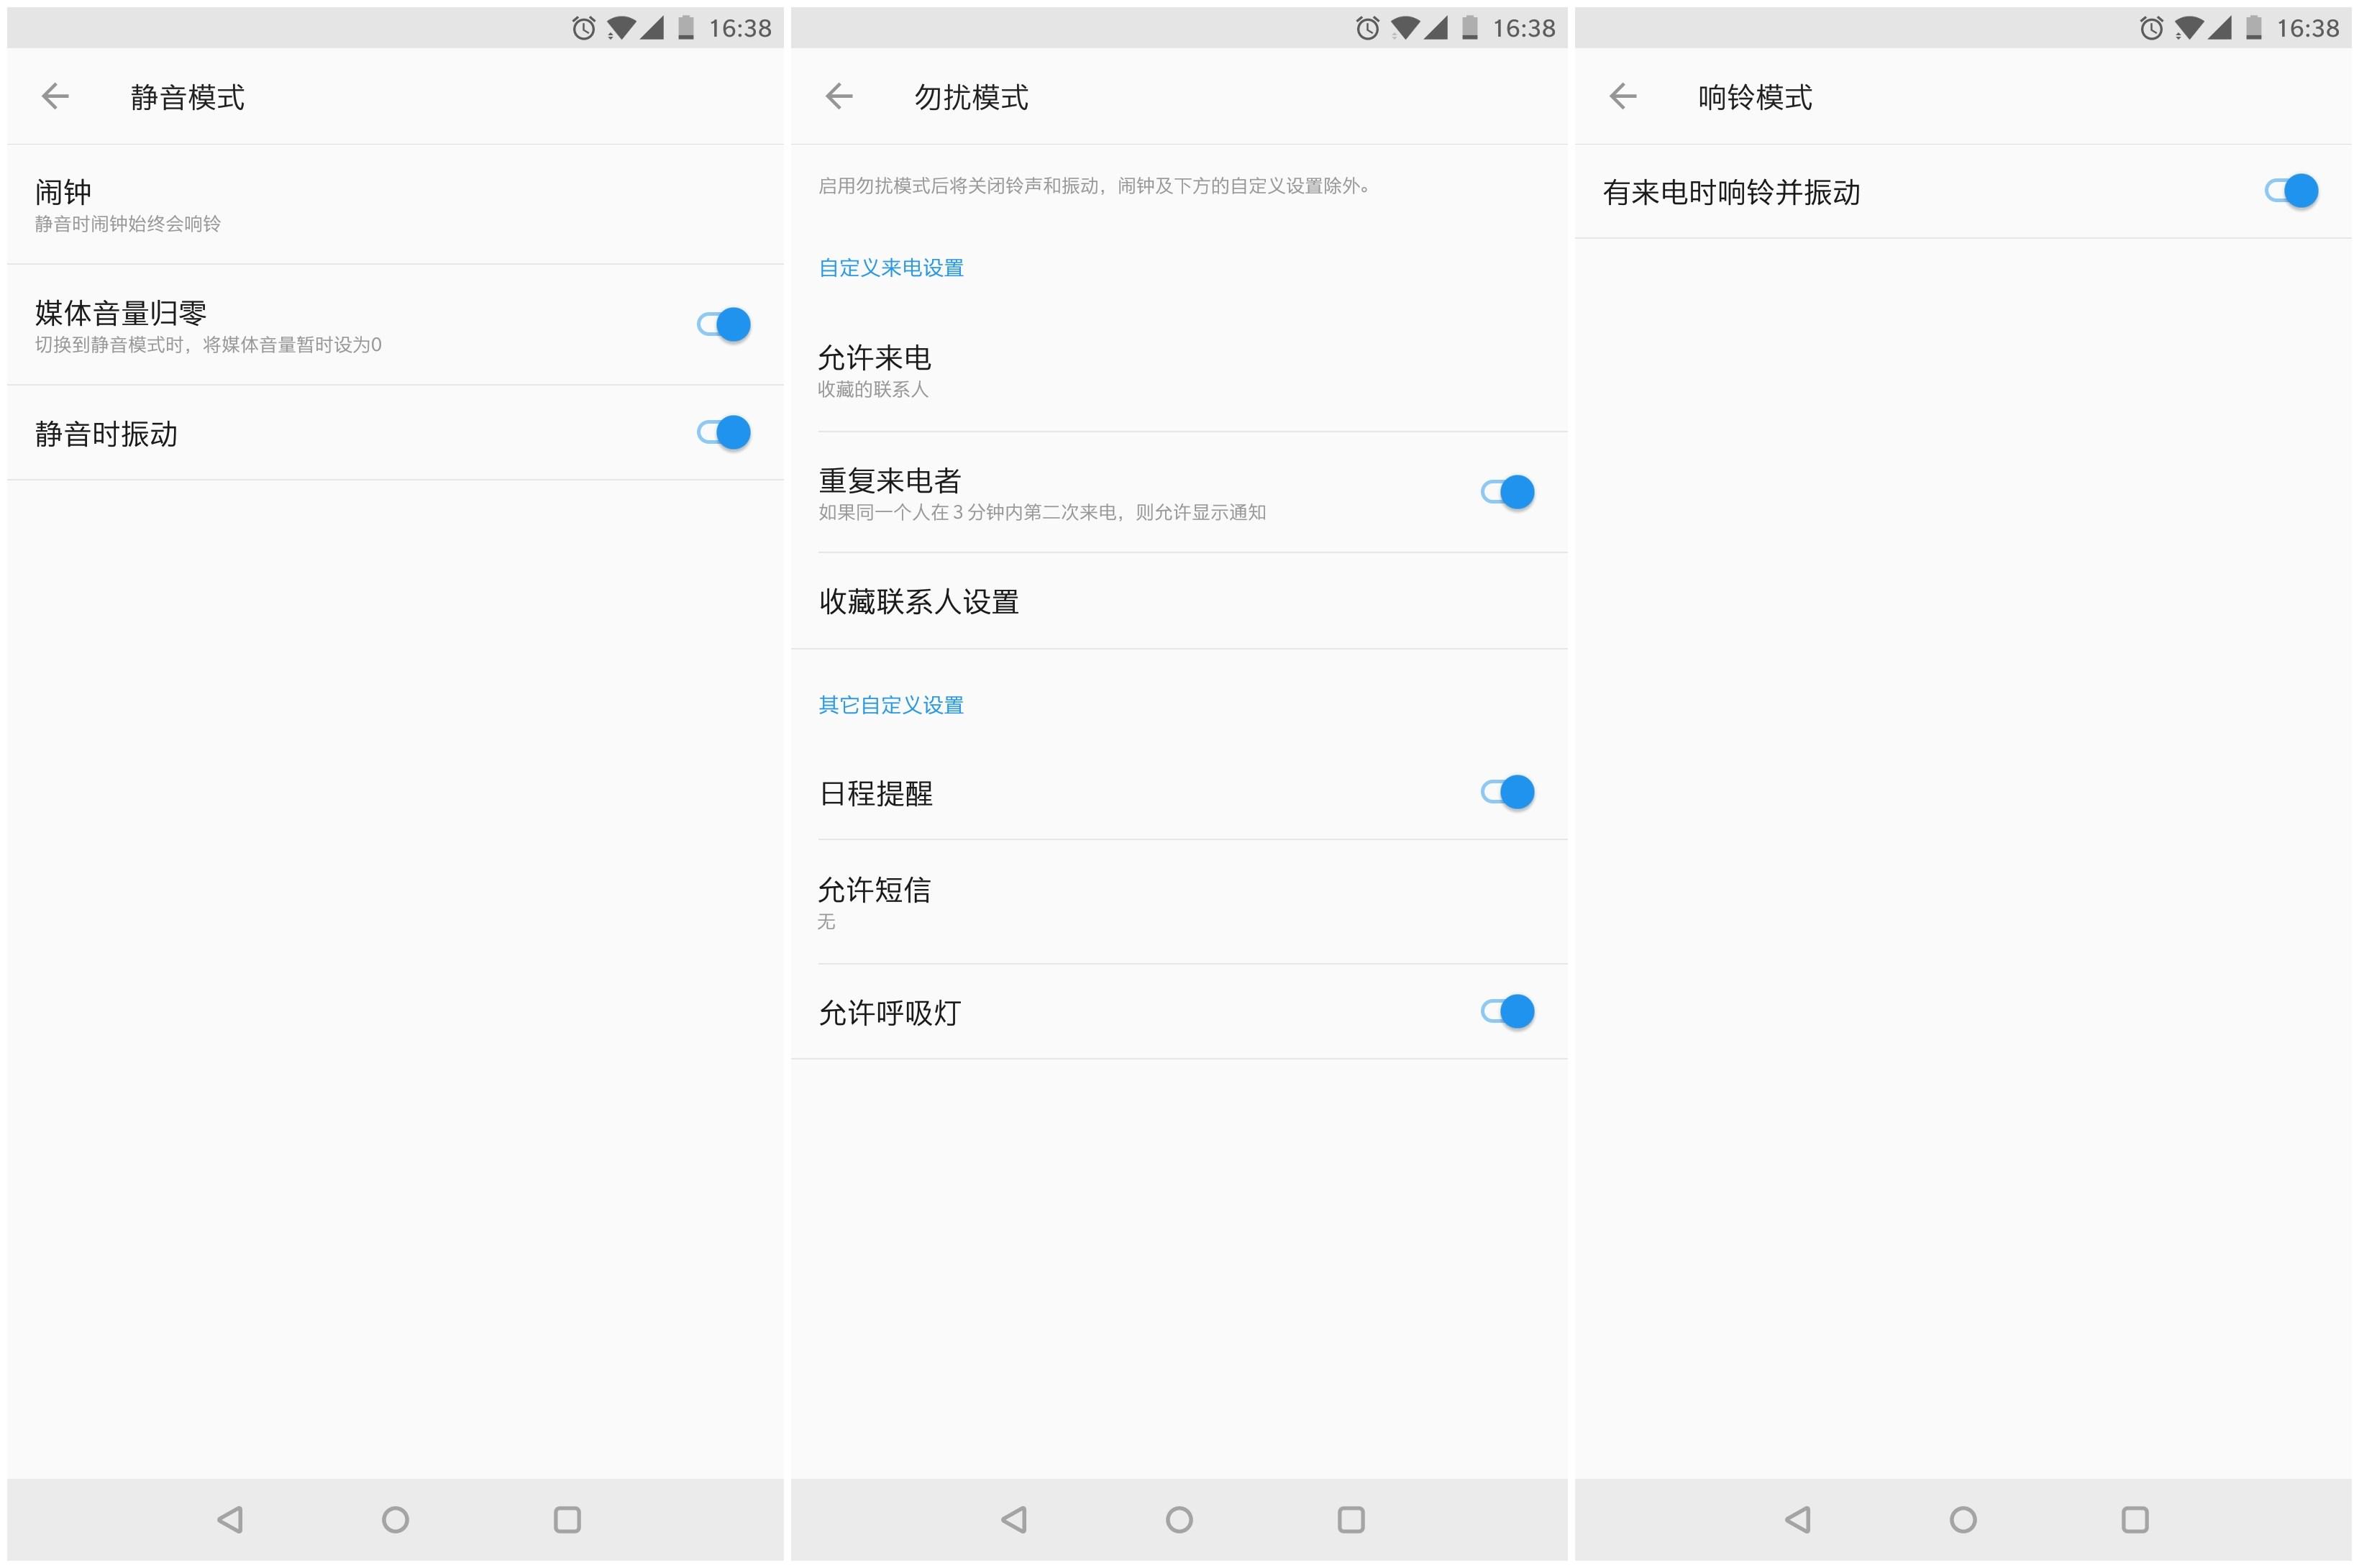 screenshot_20171210-163828_副本.jpg